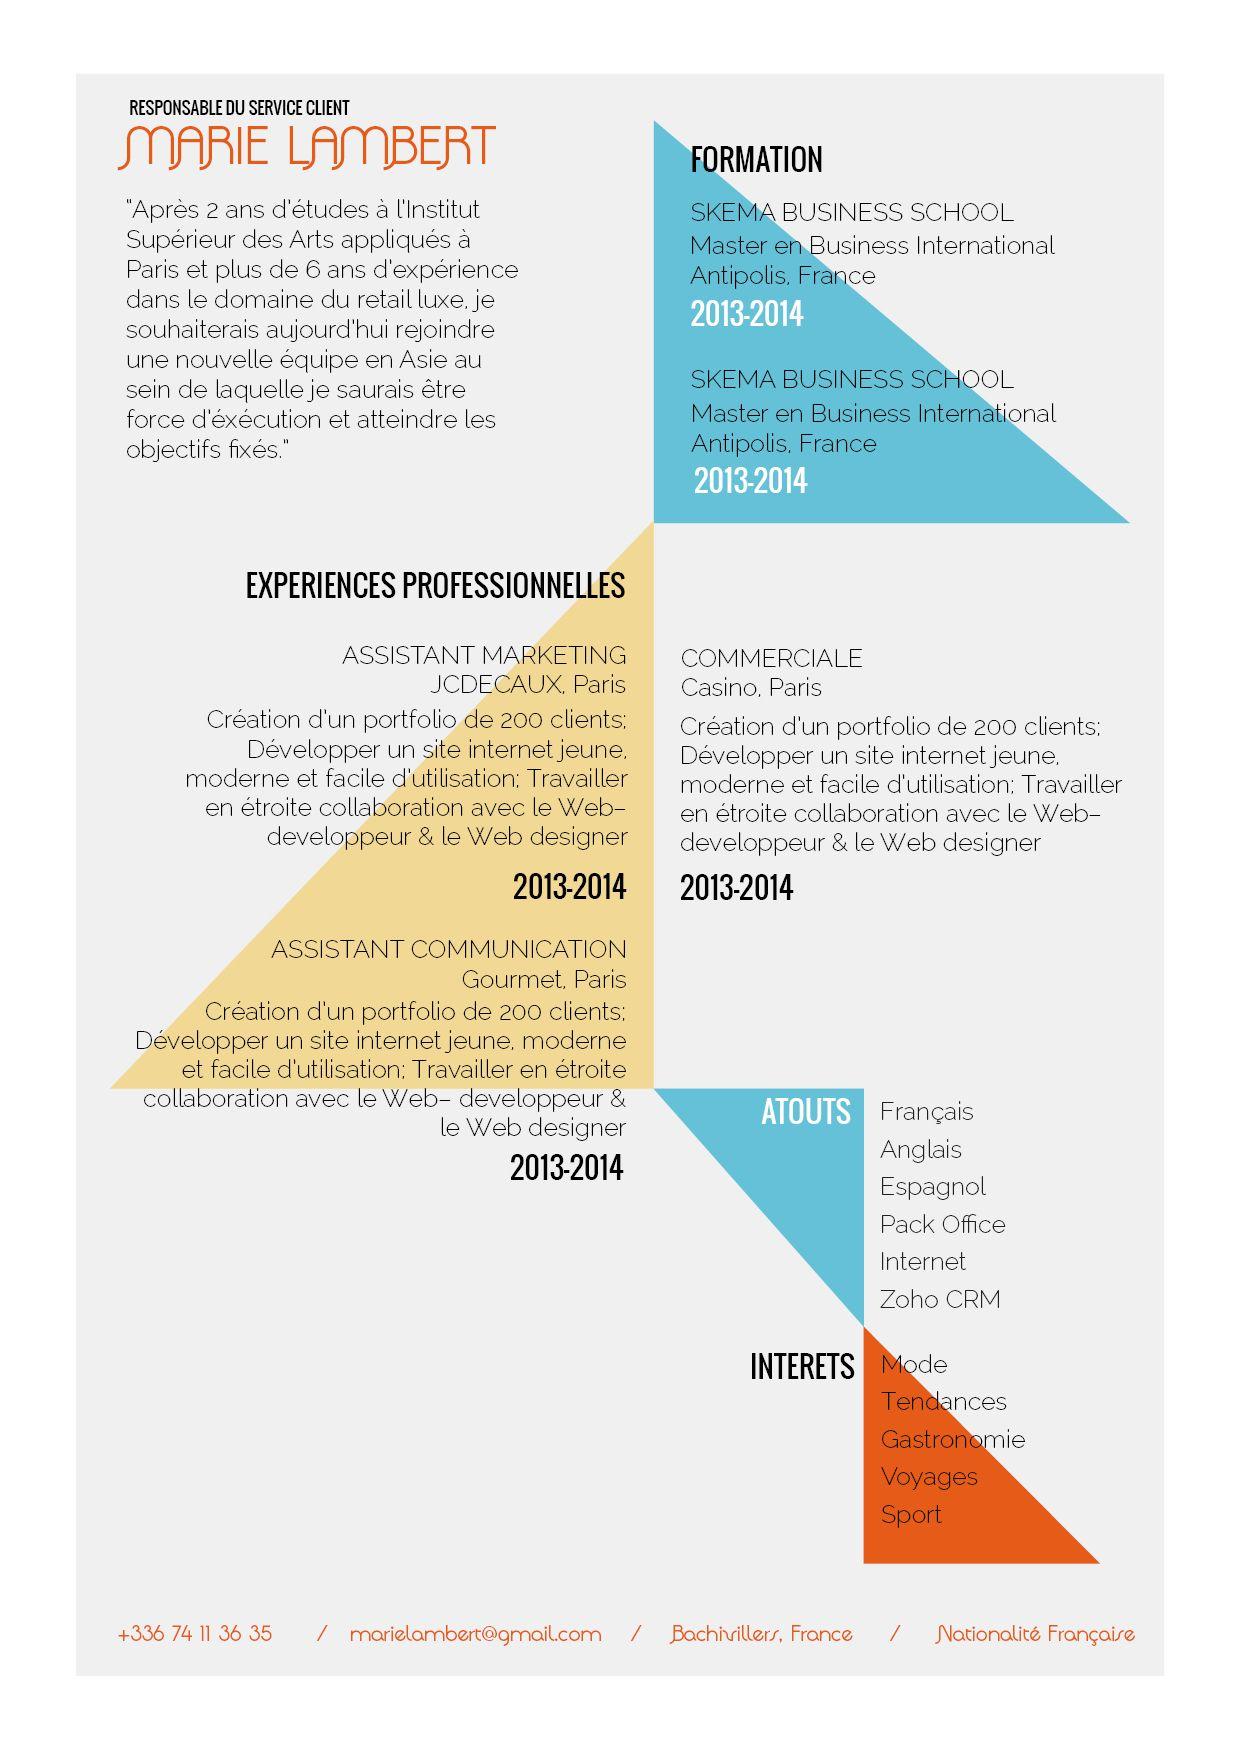 Naviguant Tres Creatif Ce Cv Inspire L Art La Rigeur Et La Simplicite Vraiment Tres Modele De Cv Creatif Exemple De Lettre De Motivation Exemple De Lettre